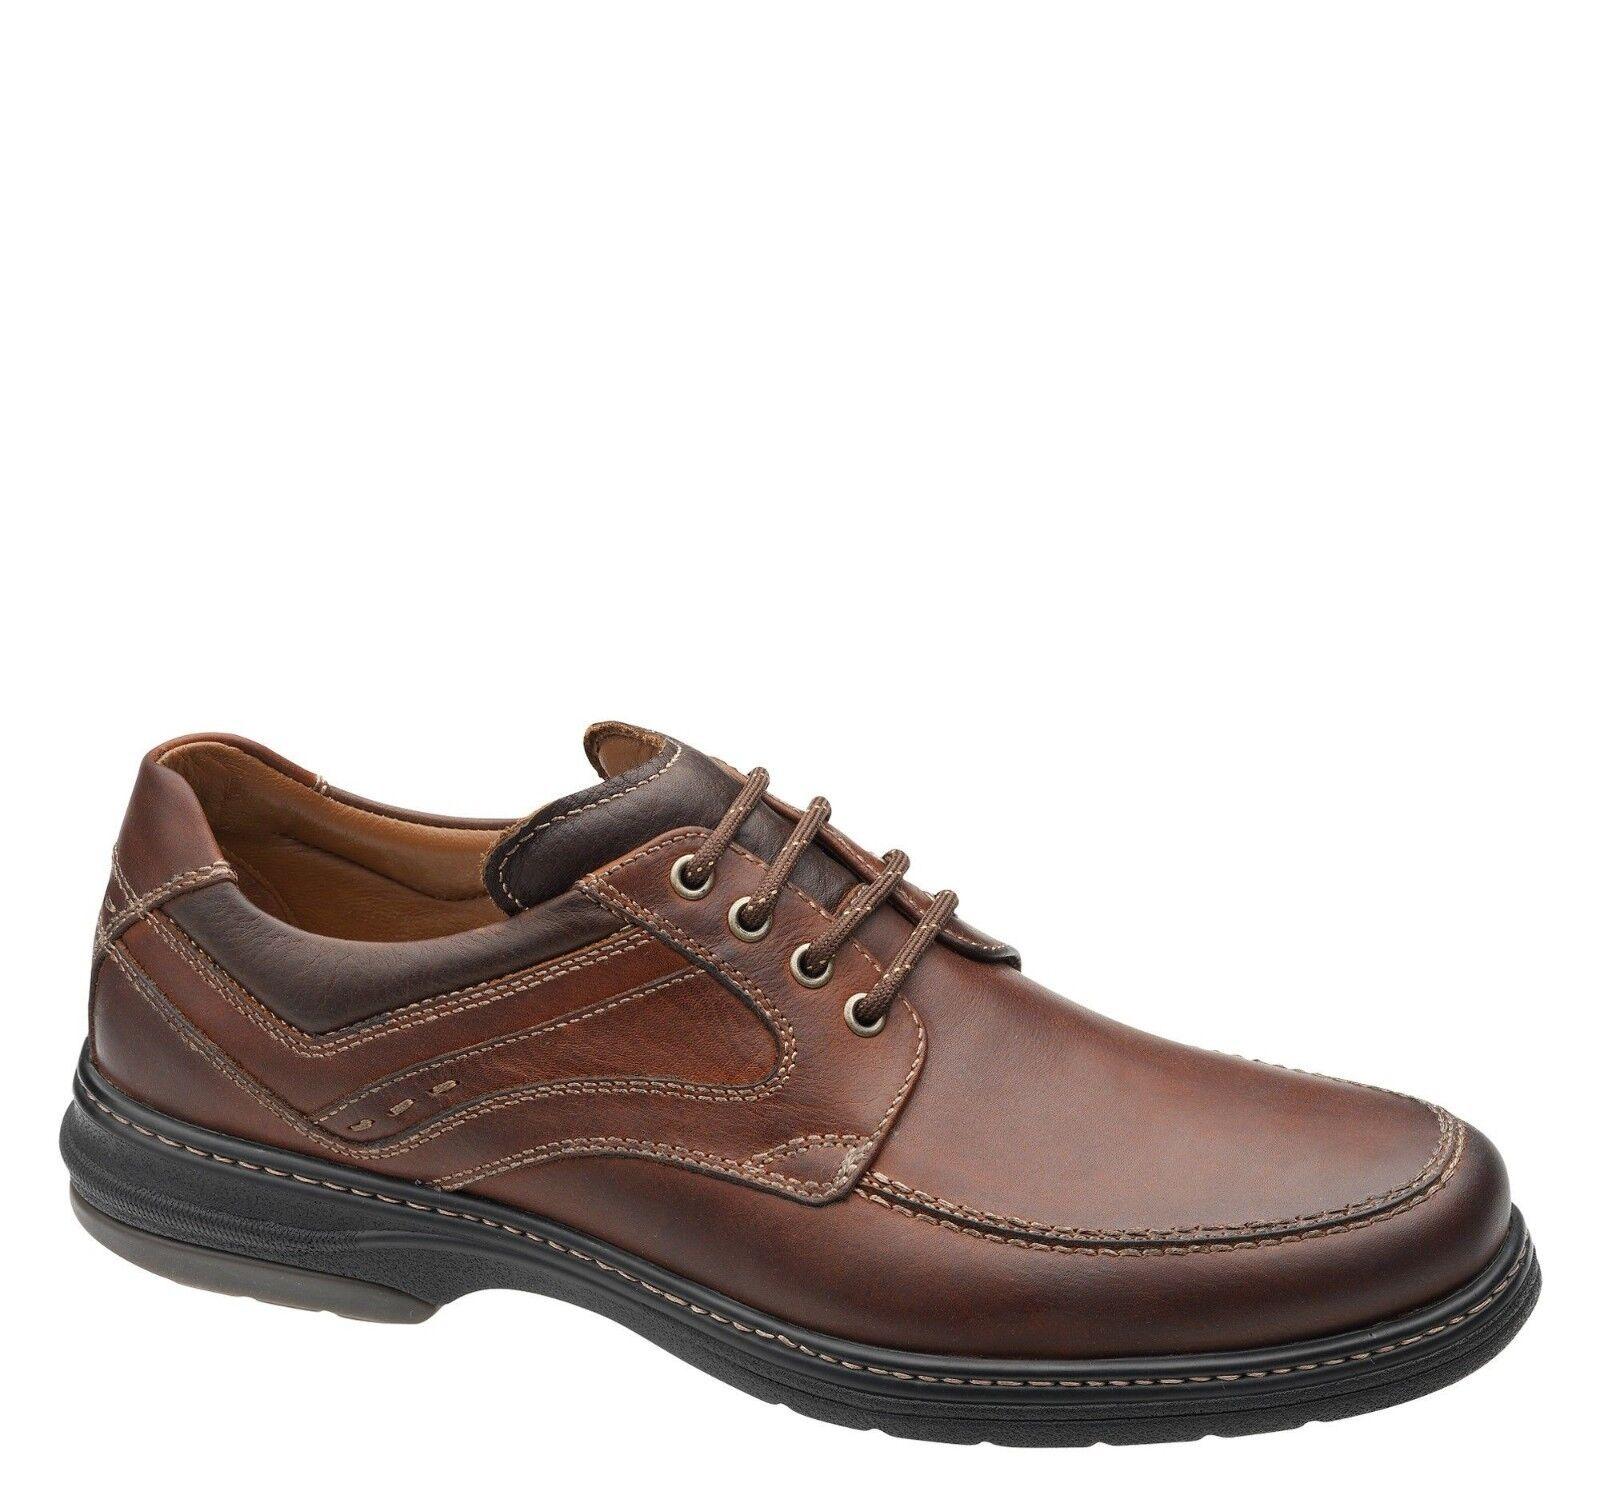 Nouveau Johnston Murphy Colvard XC4 acajou Vénitien Cuir Moc Chaussures 25-1074